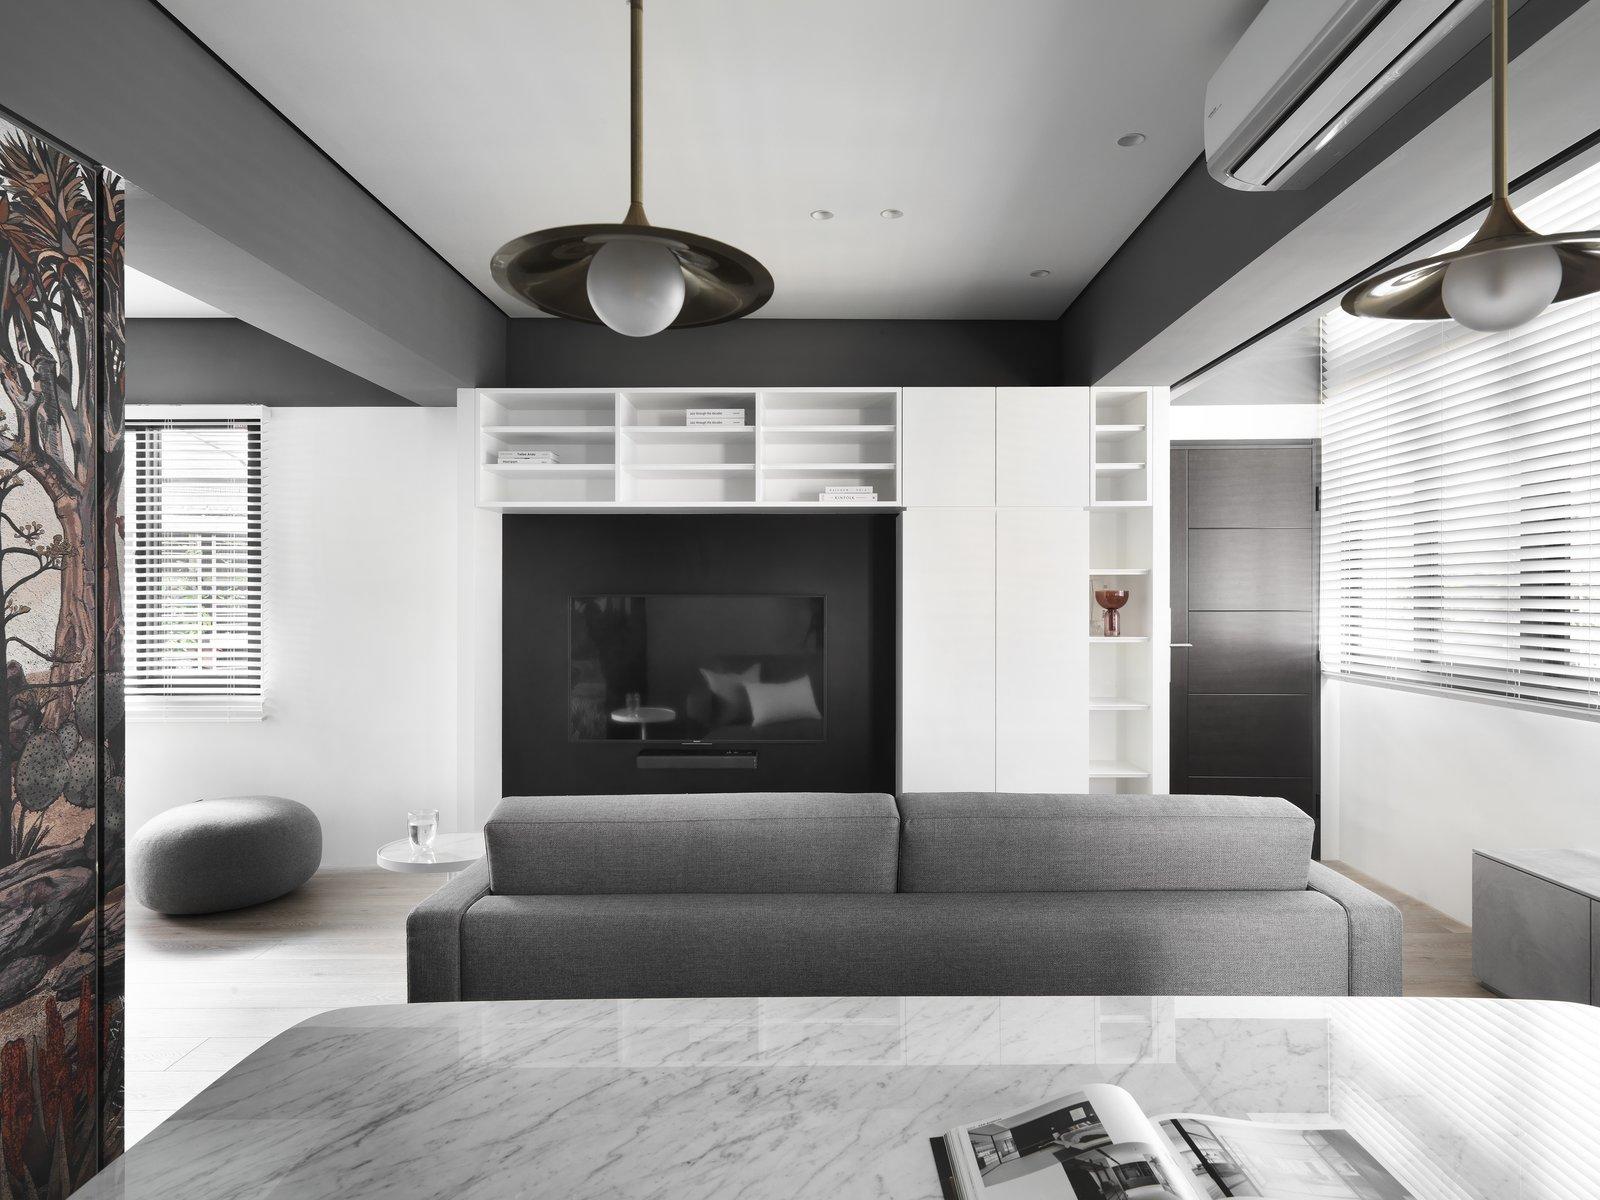 带起居室,椅子,桌子照明,硬木地板,沙发和天花板照明的现代住宅。 日常生活的隐形秩序照片17